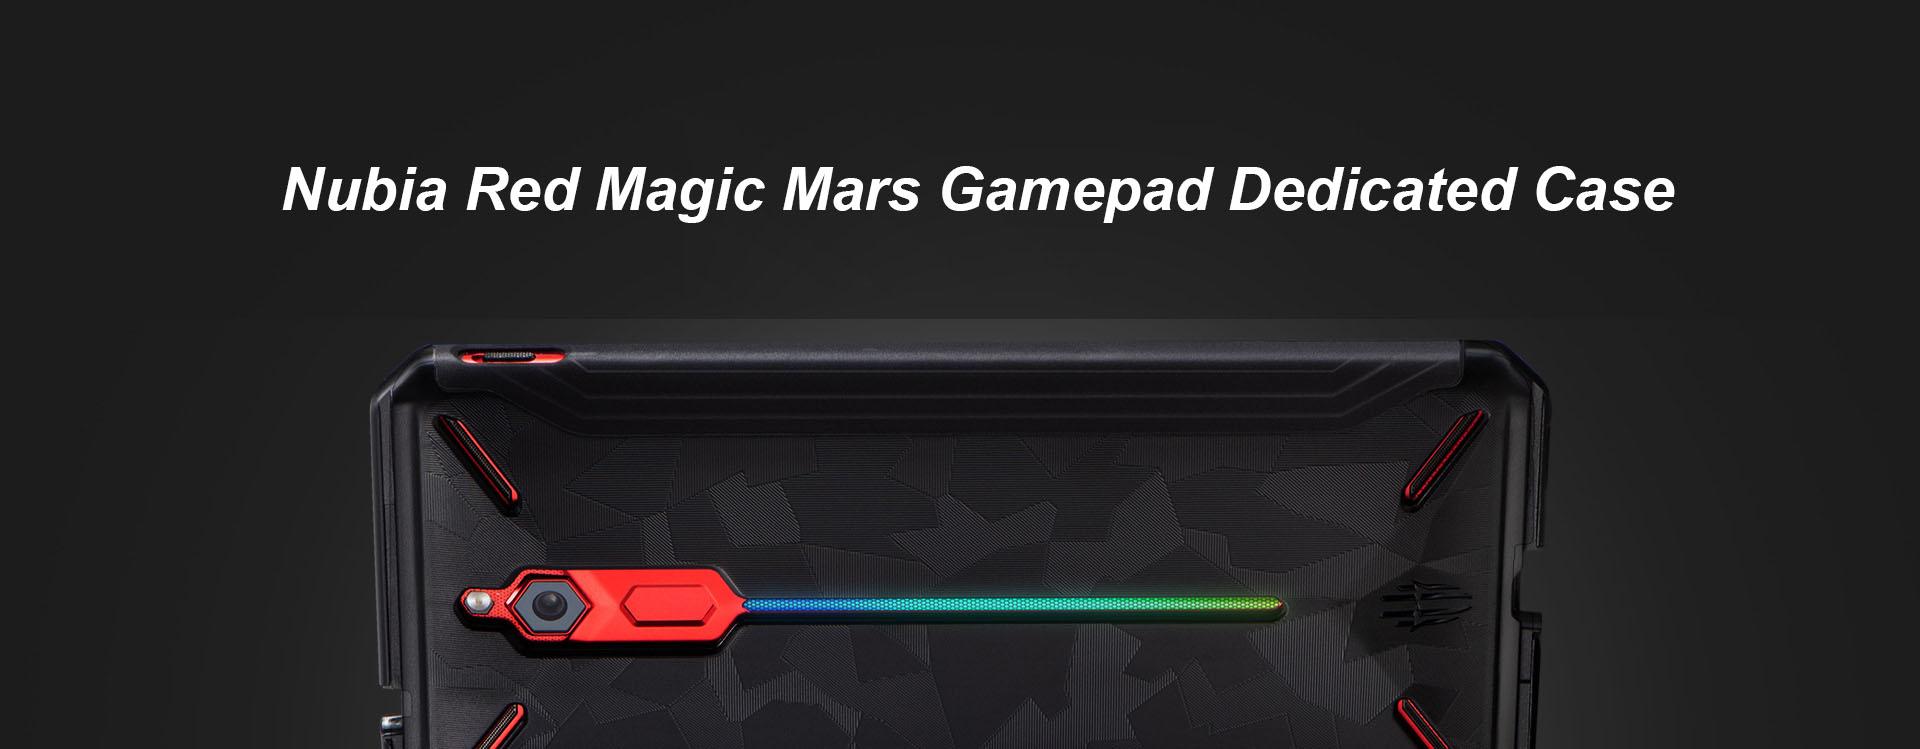 Nubia Red Magic Mars case